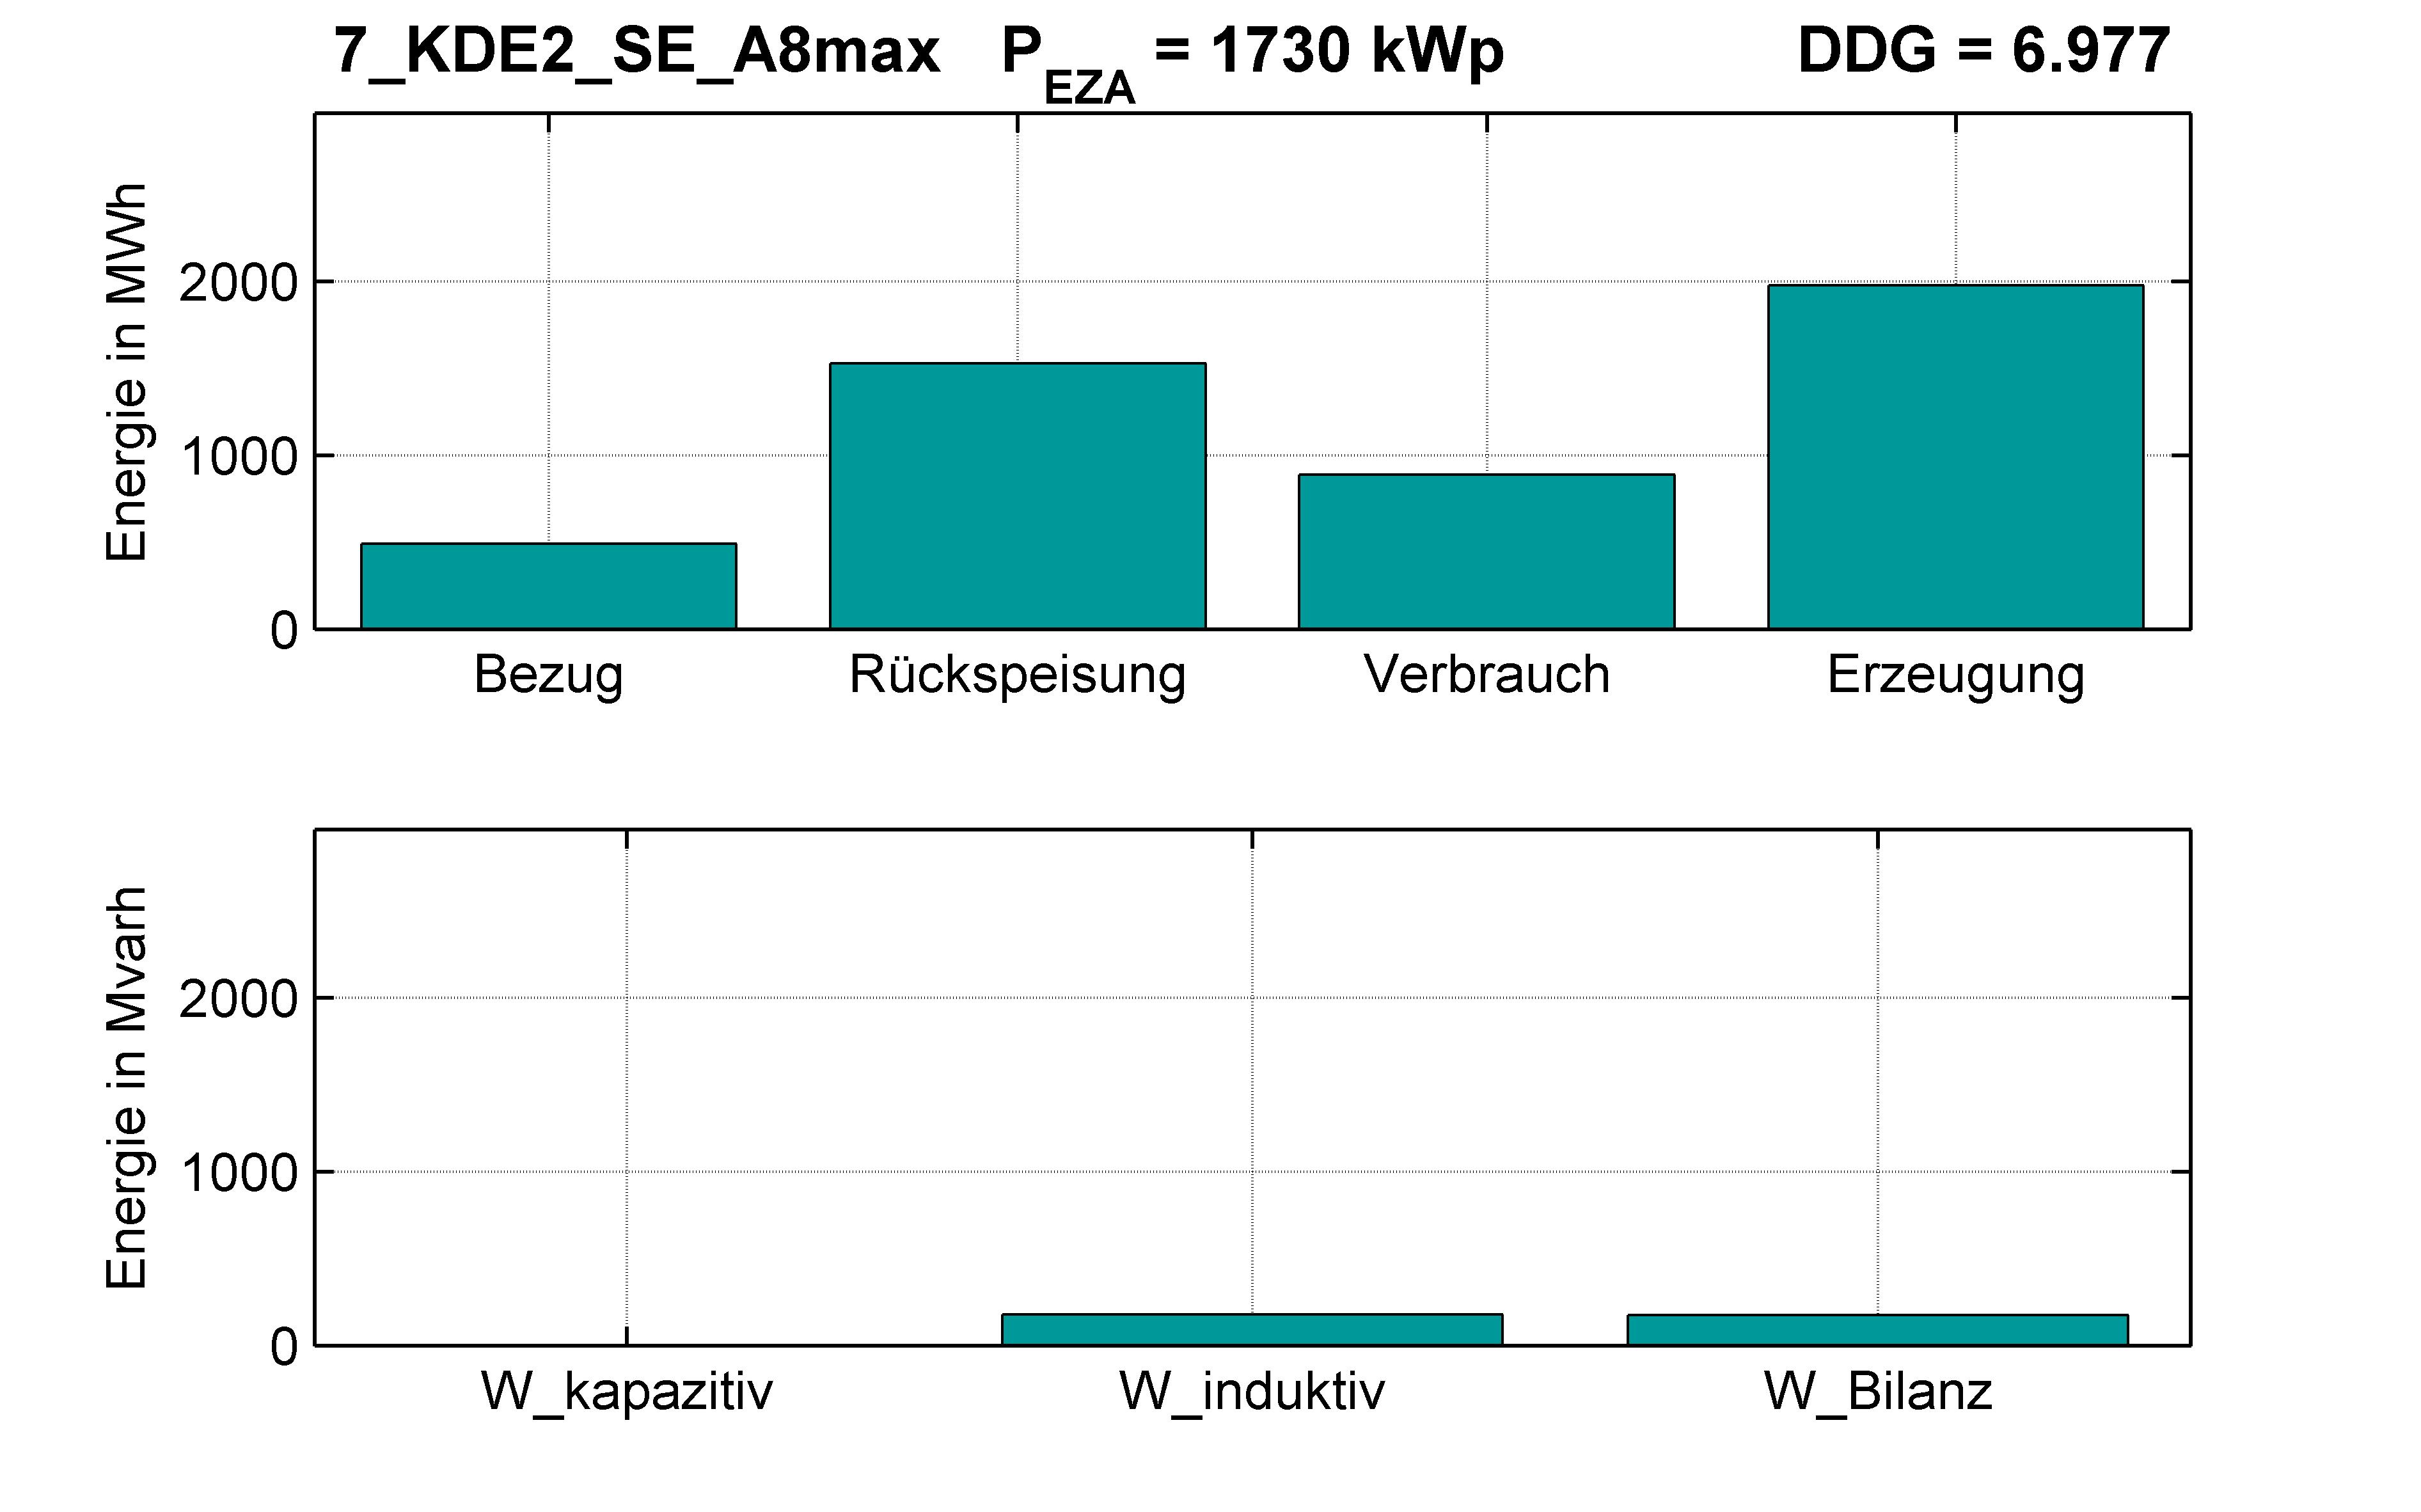 KDE2 | Längsregler (SE) A8max | PQ-Bilanz